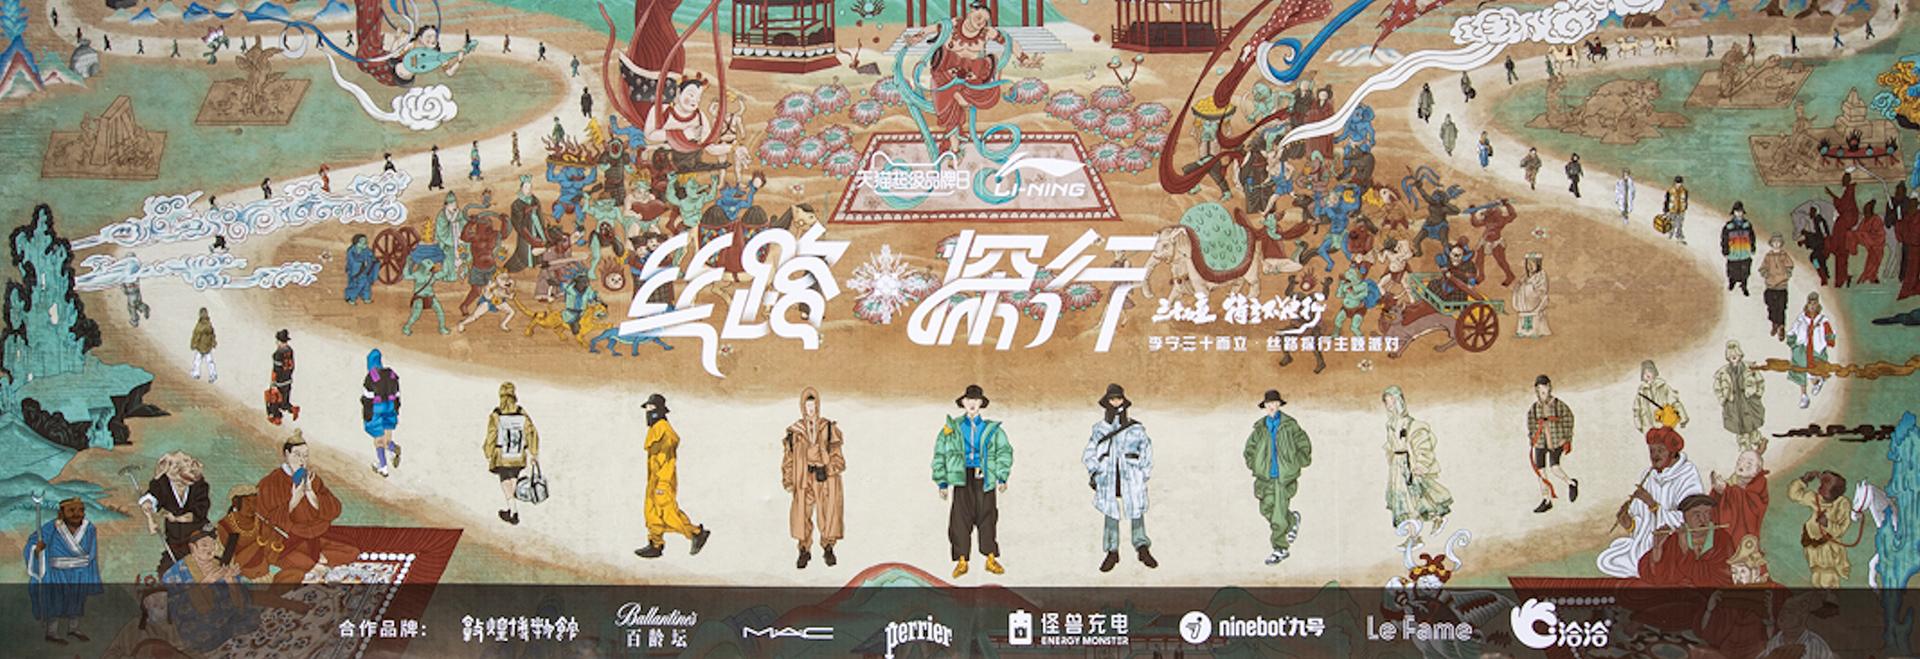 周年庆典|李宁三十而立·丝路探行主题派对